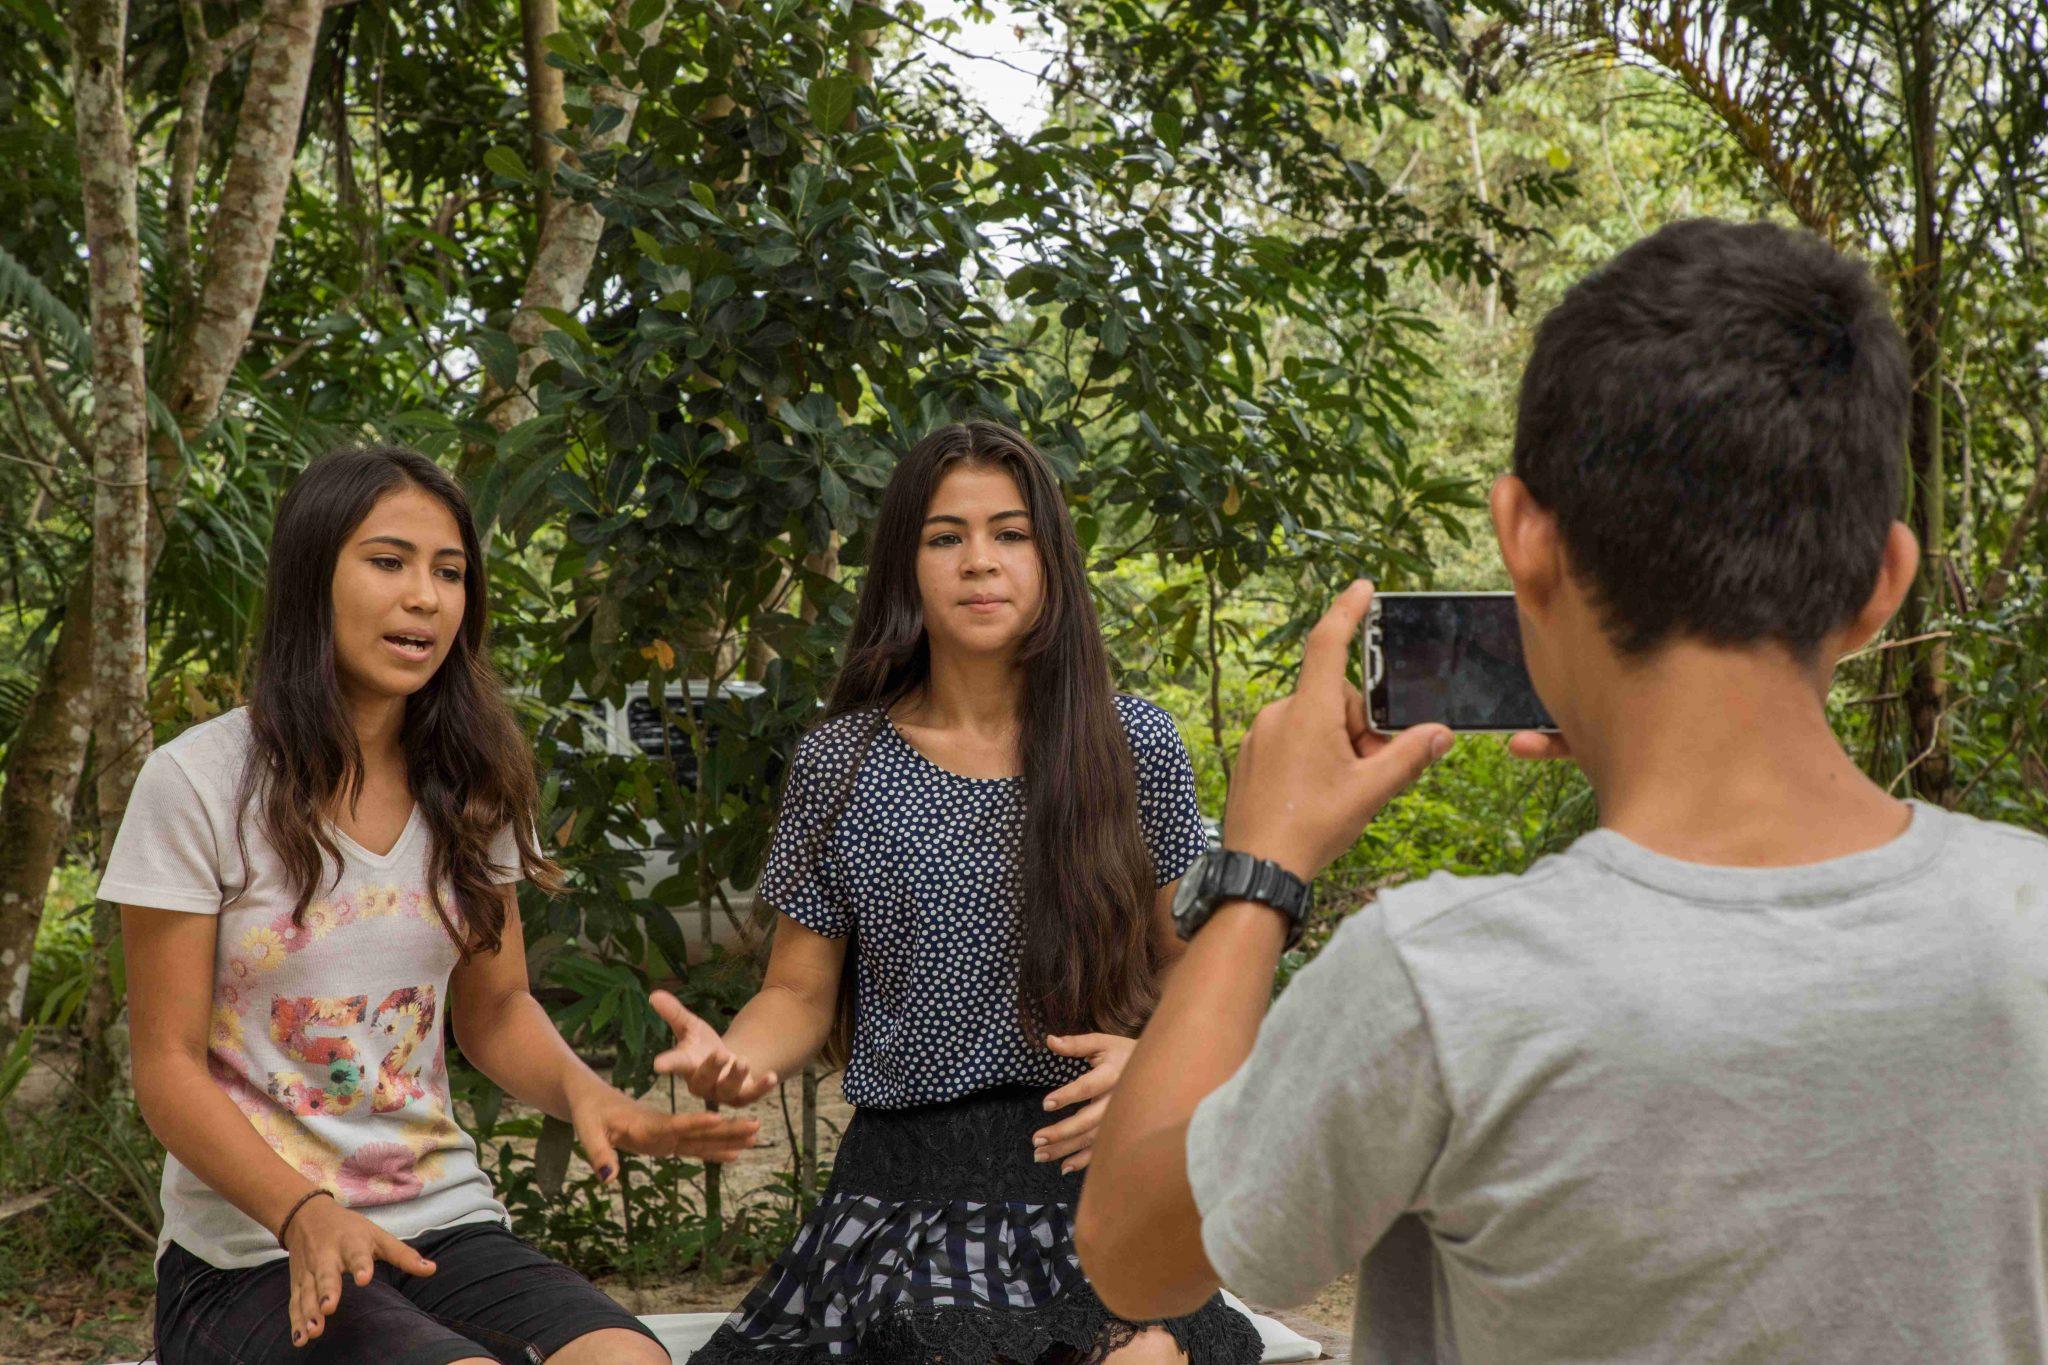 Duas jovens em Santa Bárbara-PA/BR, sendo gravadas pelo celular por outro jovem.